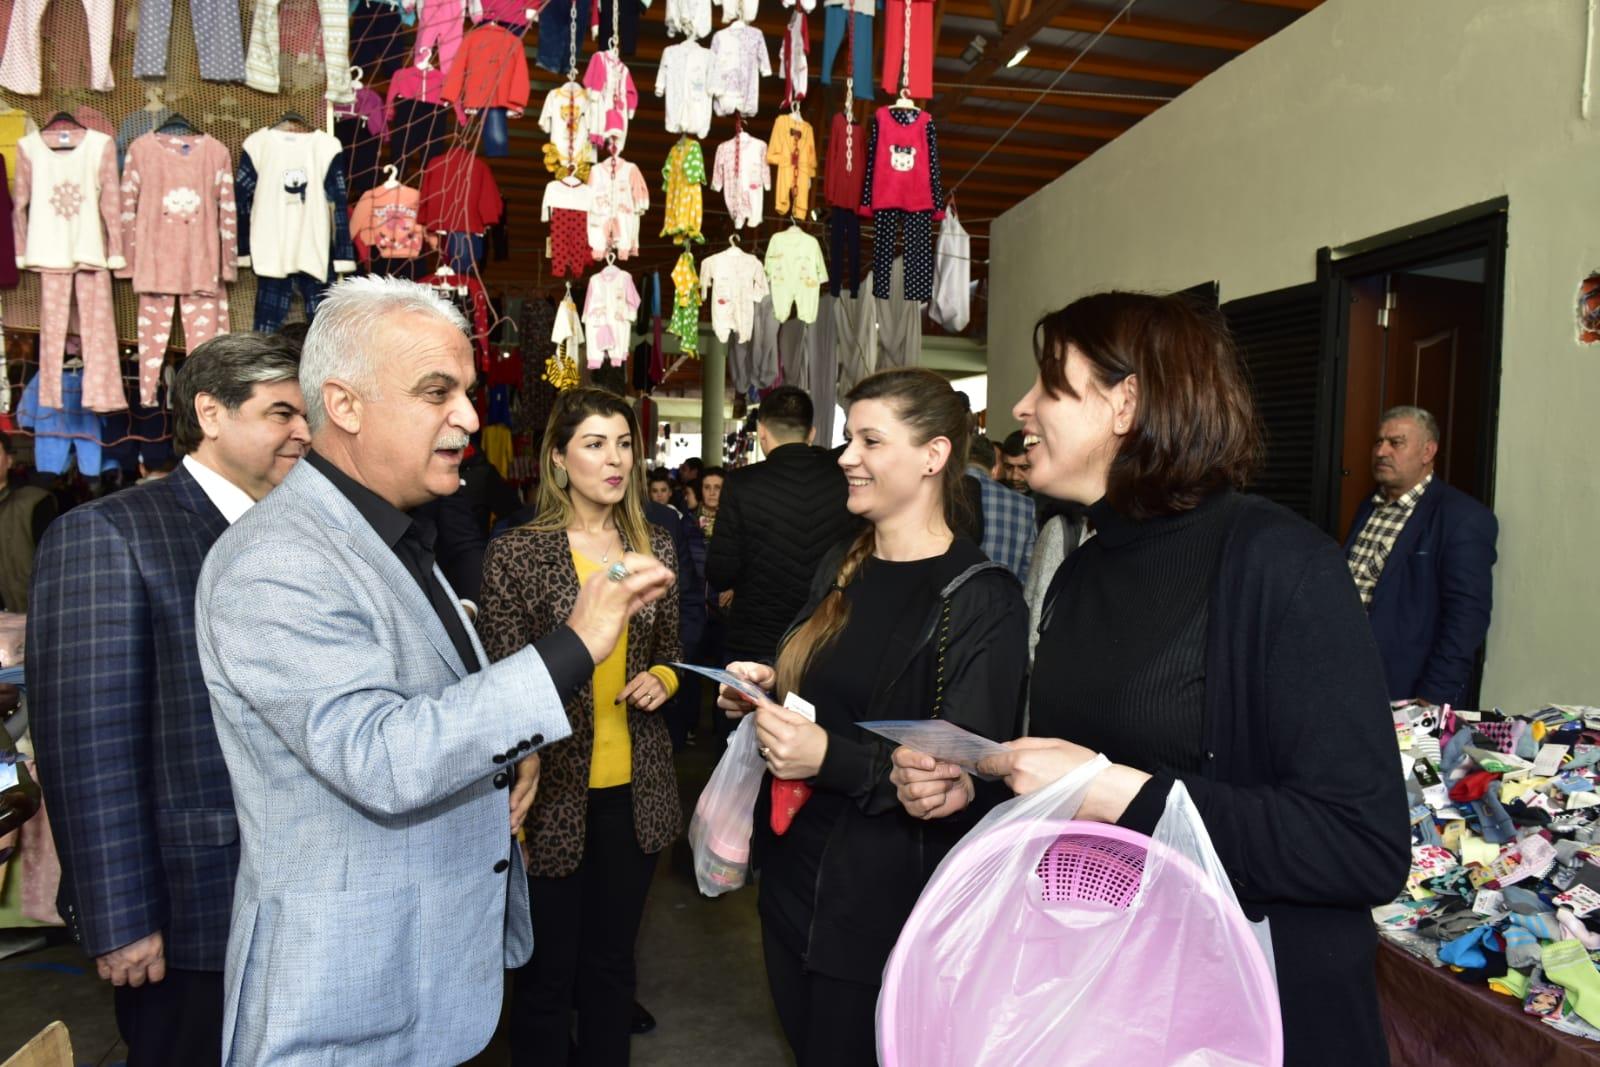 Çukurova Belediye Başkan Adayı Yusuf Baş: Biz bu sorunu çözeriz!